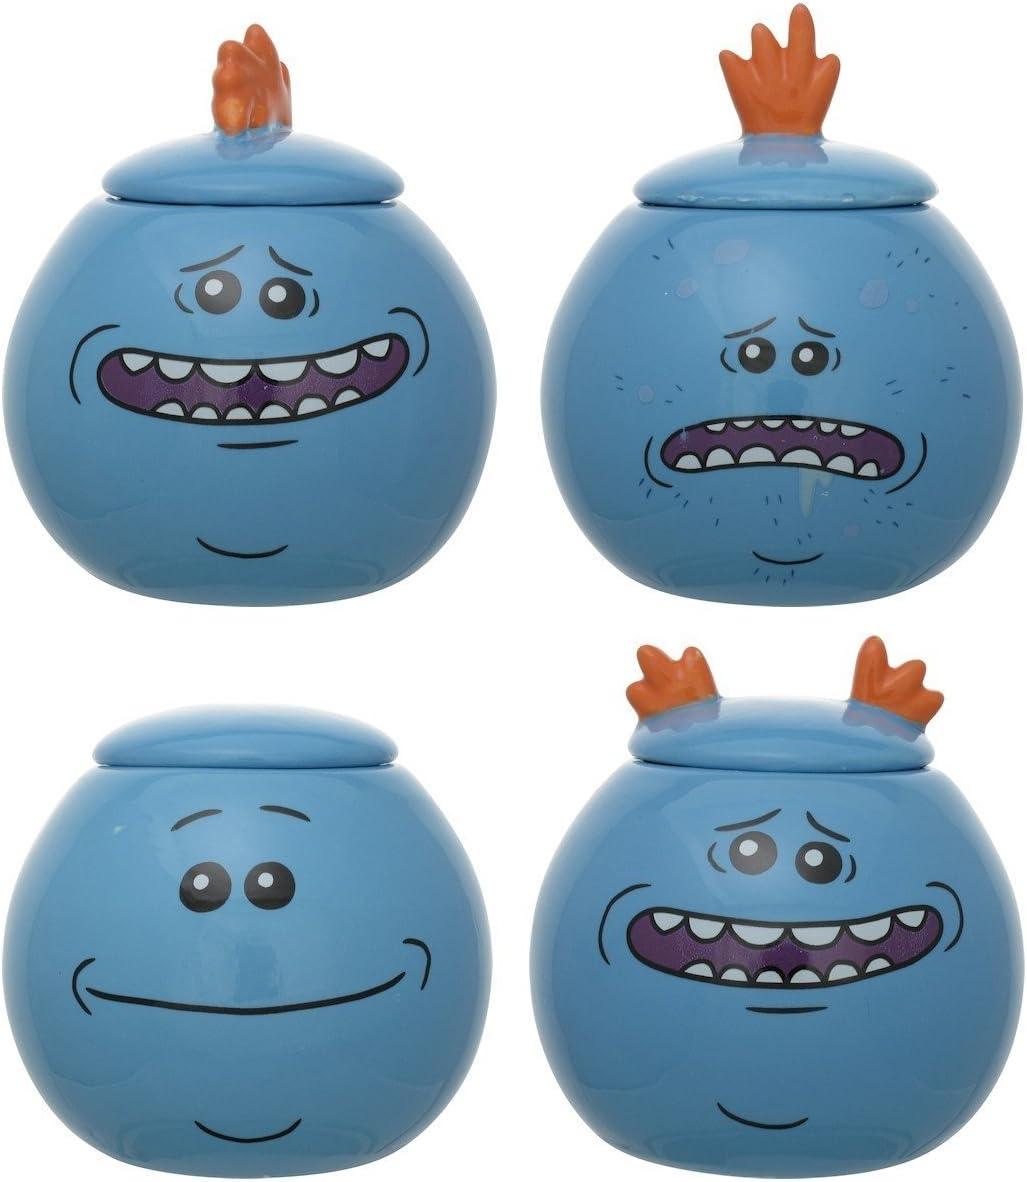 Mr. Meeseeks Jar Set